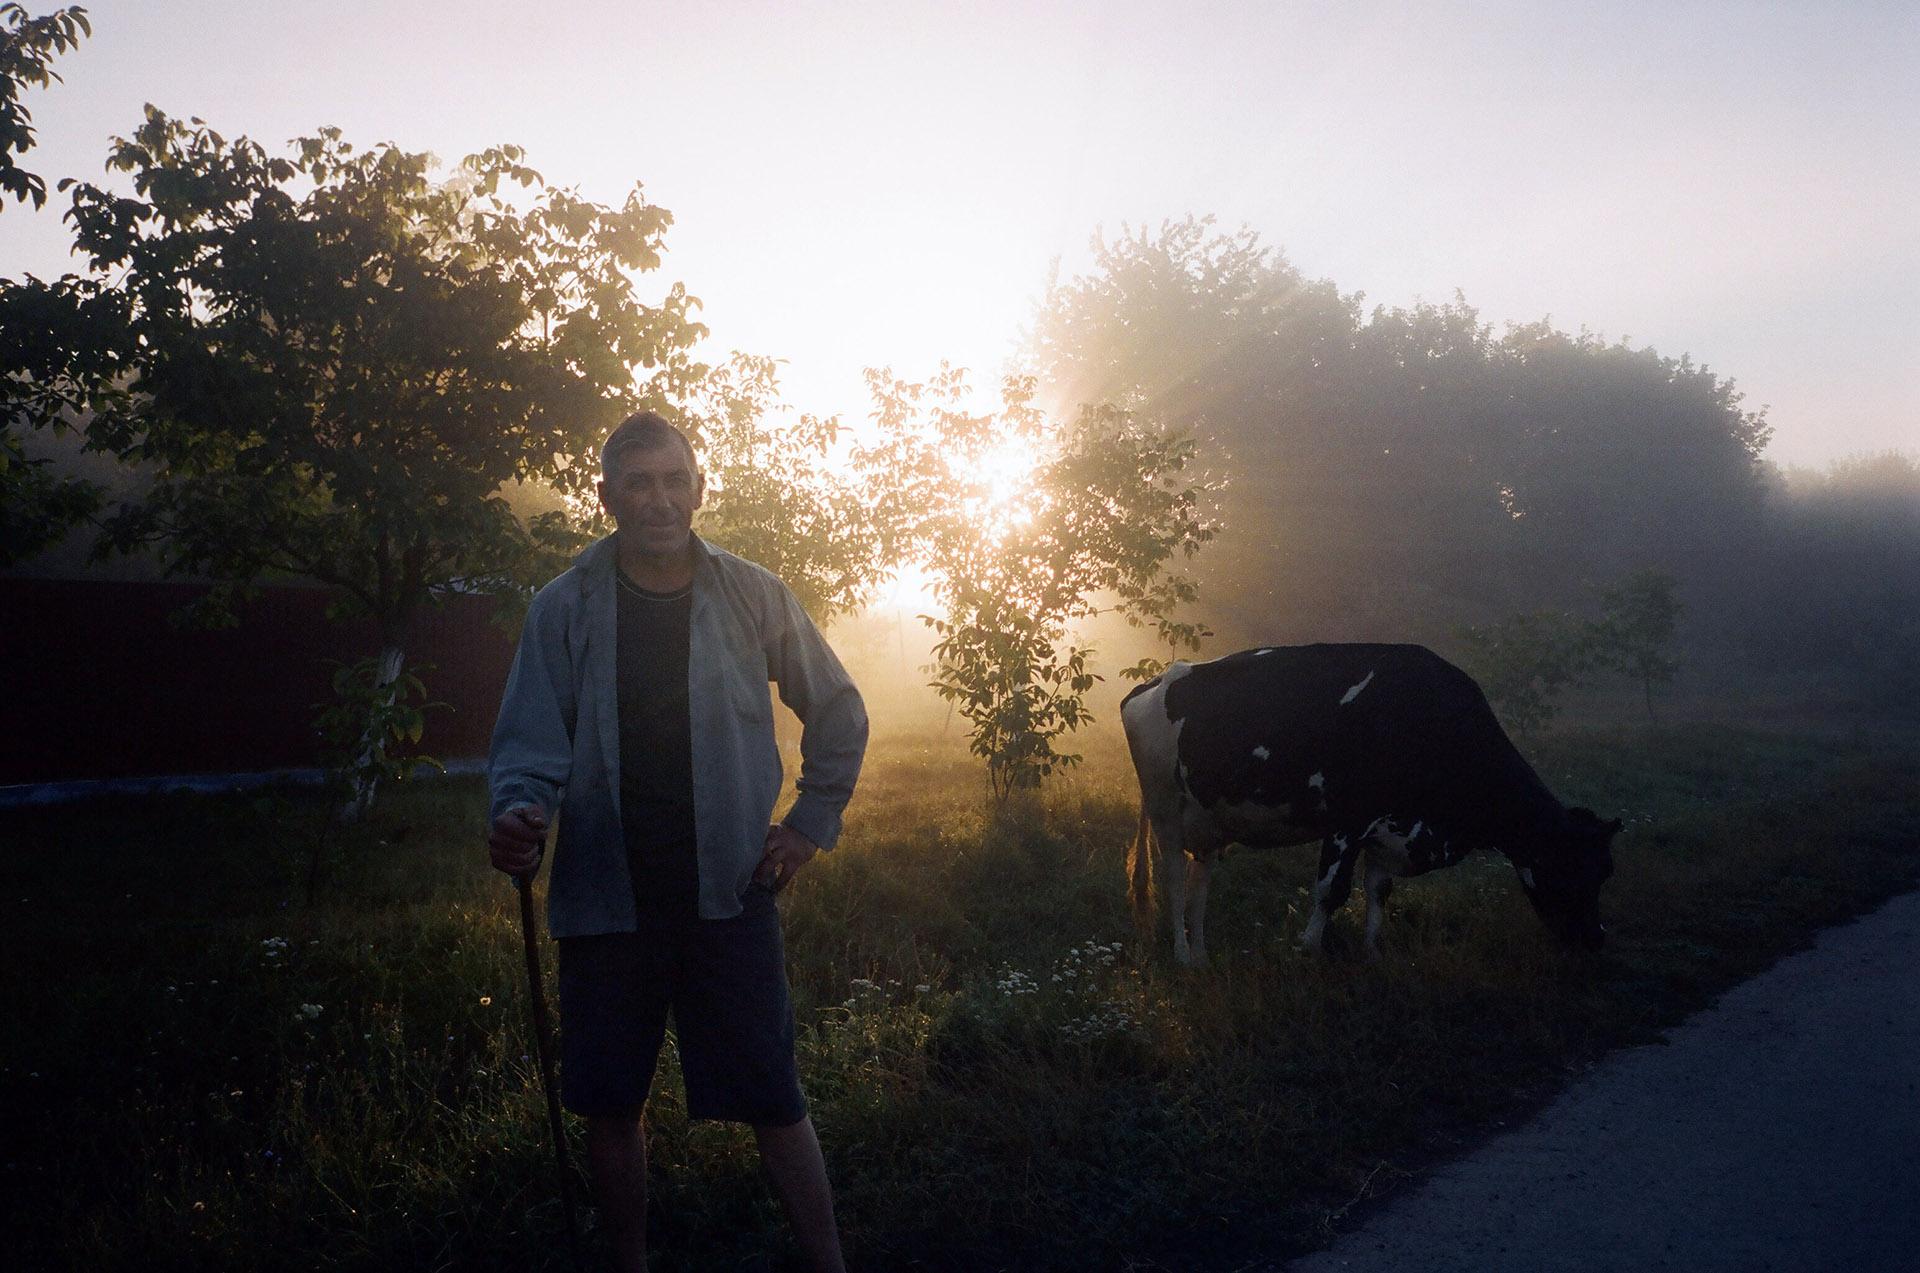 Чоловік, що стоїть поруч з конем у полі